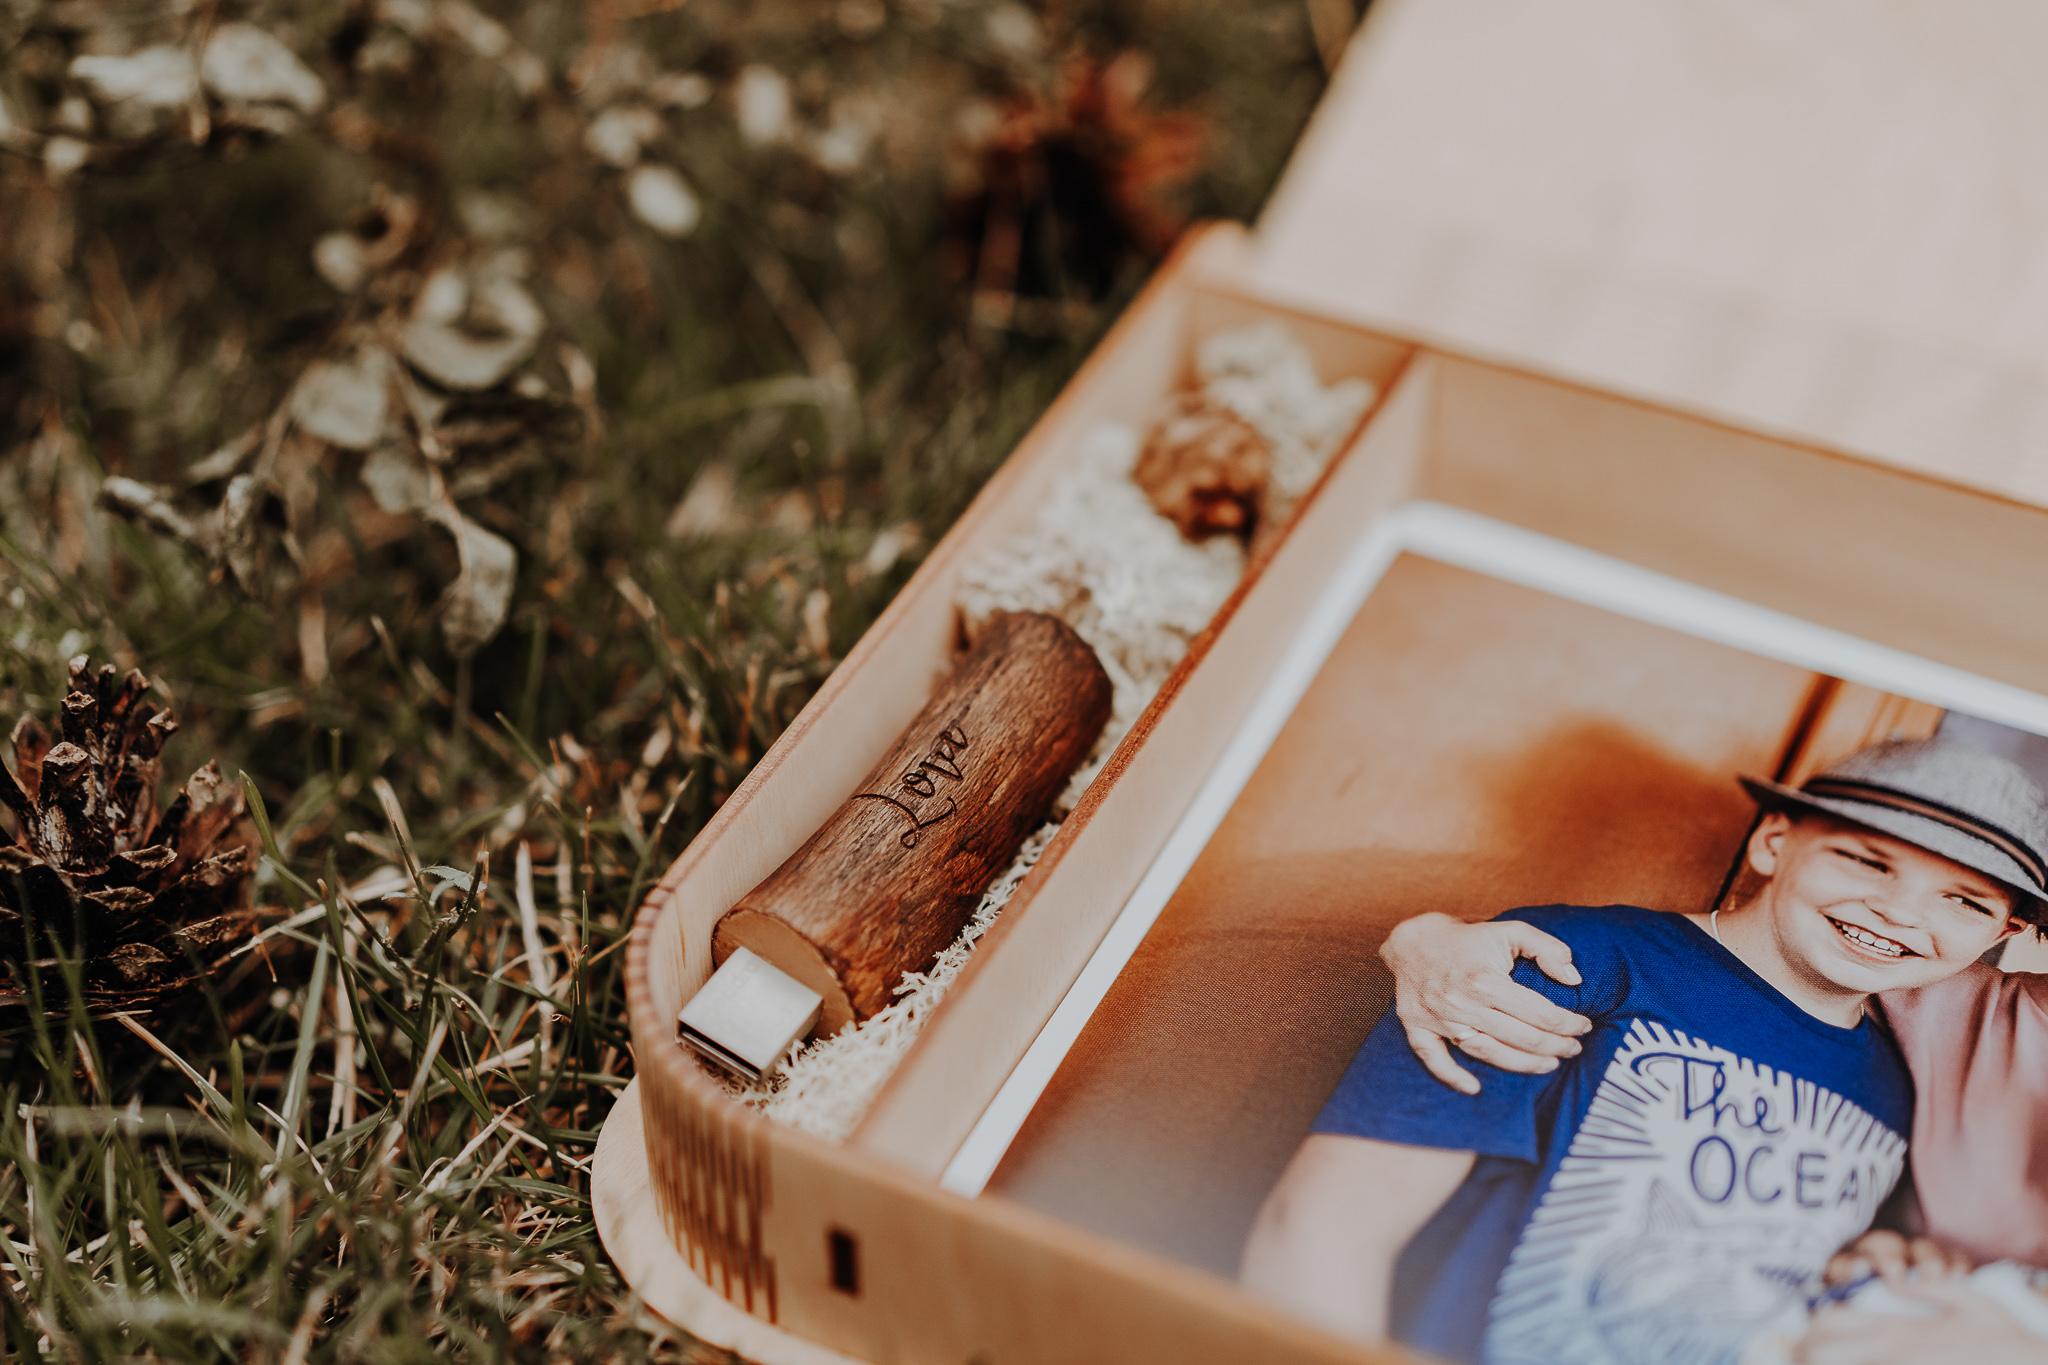 Zdjecia-w-drewnianym-pudelku-orlowski-photo-zdjecie-00048